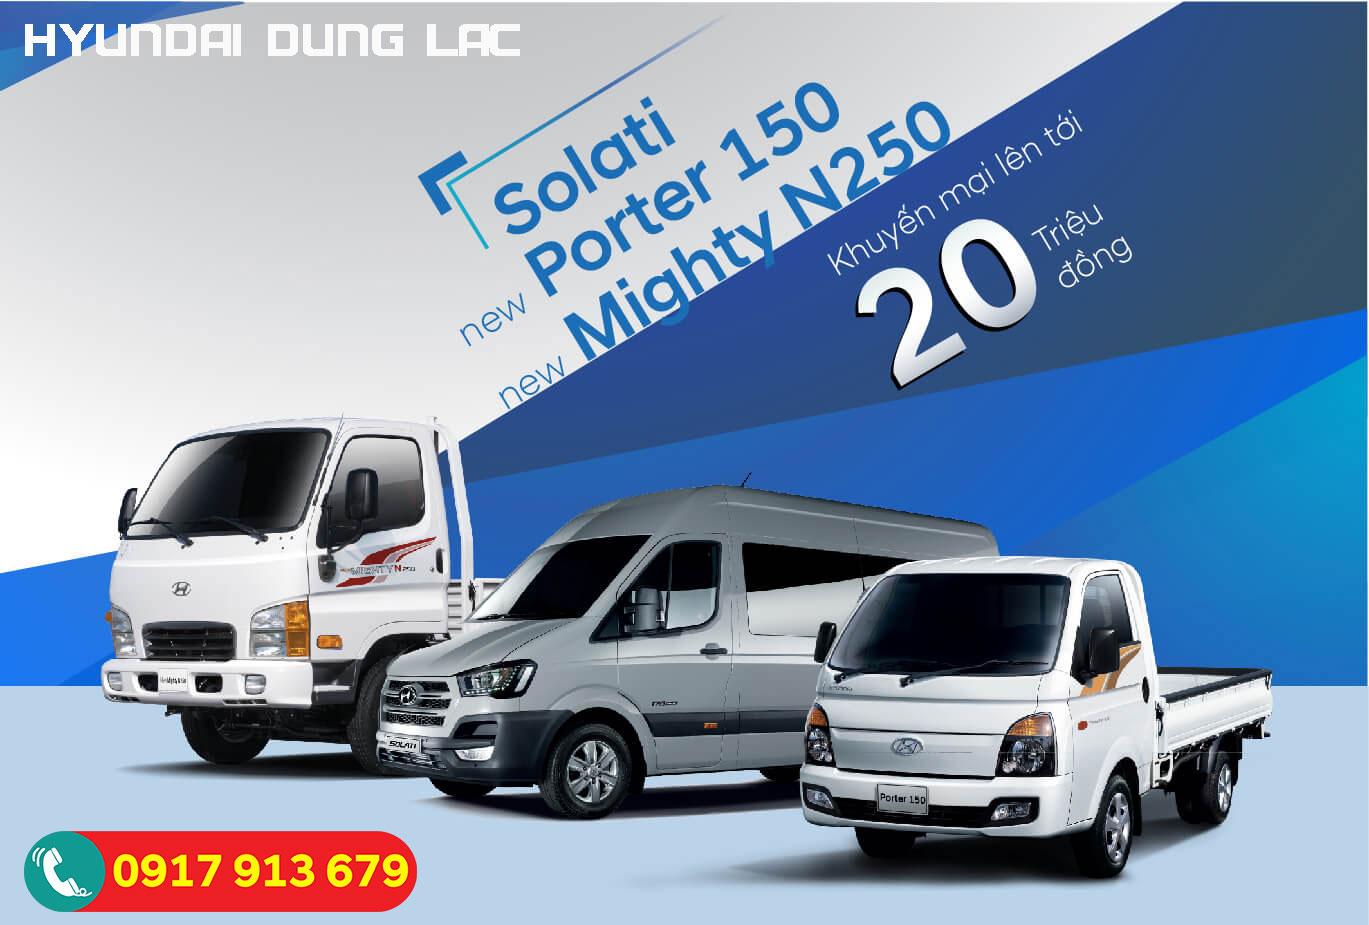 Khuyễn mãi 20 triệu cho Solata Hyundai N250, Hyundai H150